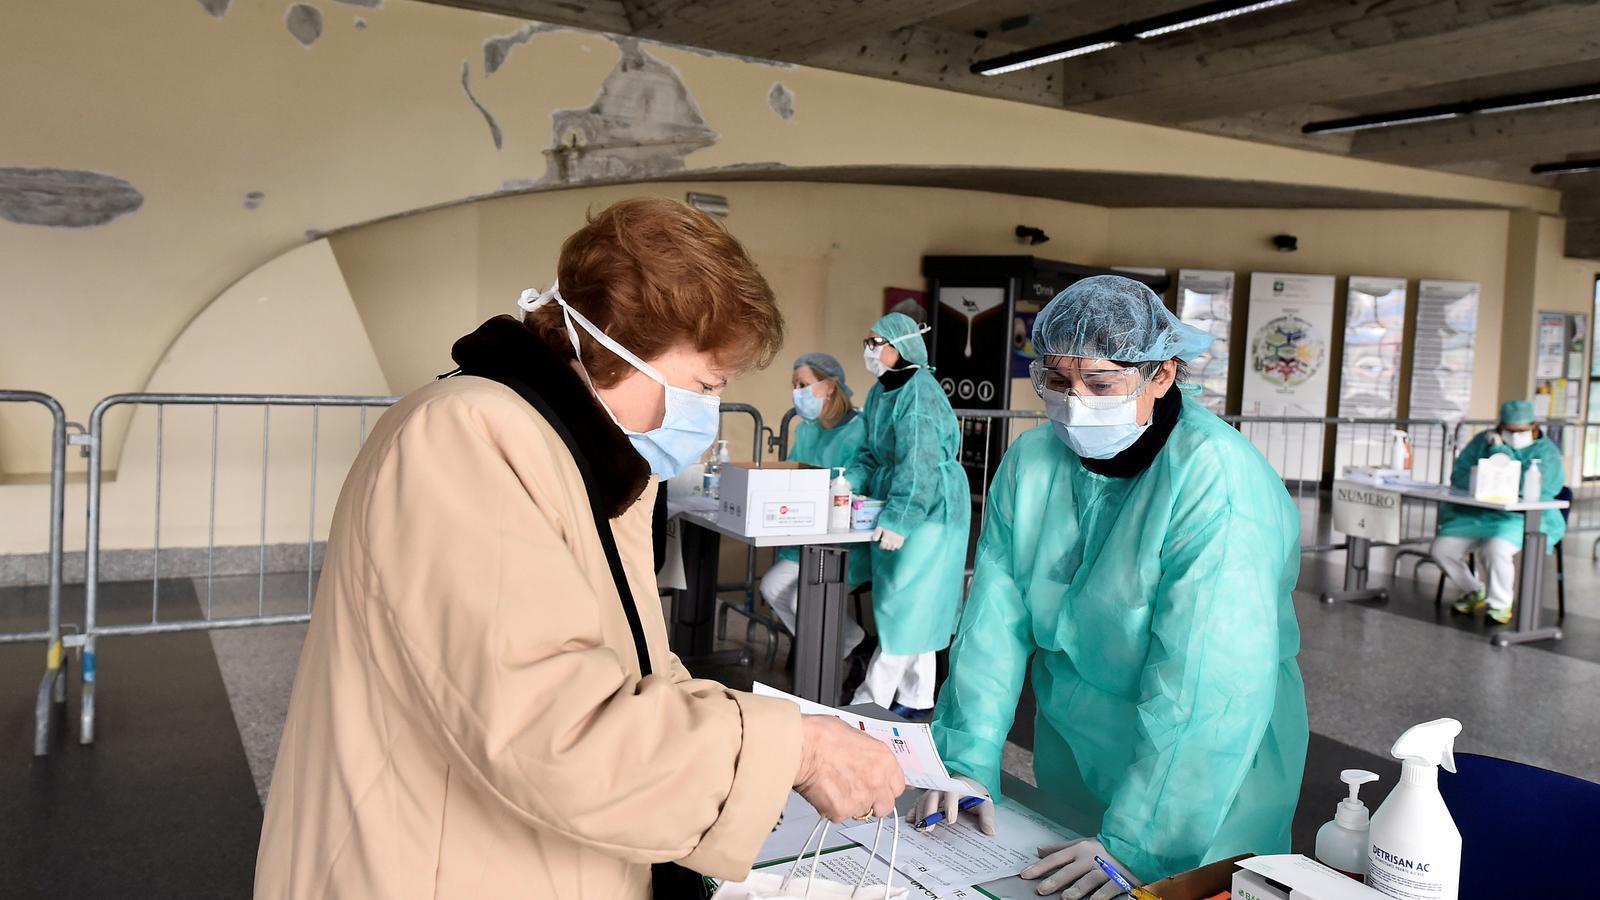 Llista d'espera als tanatoris italians a causa del coronavirus